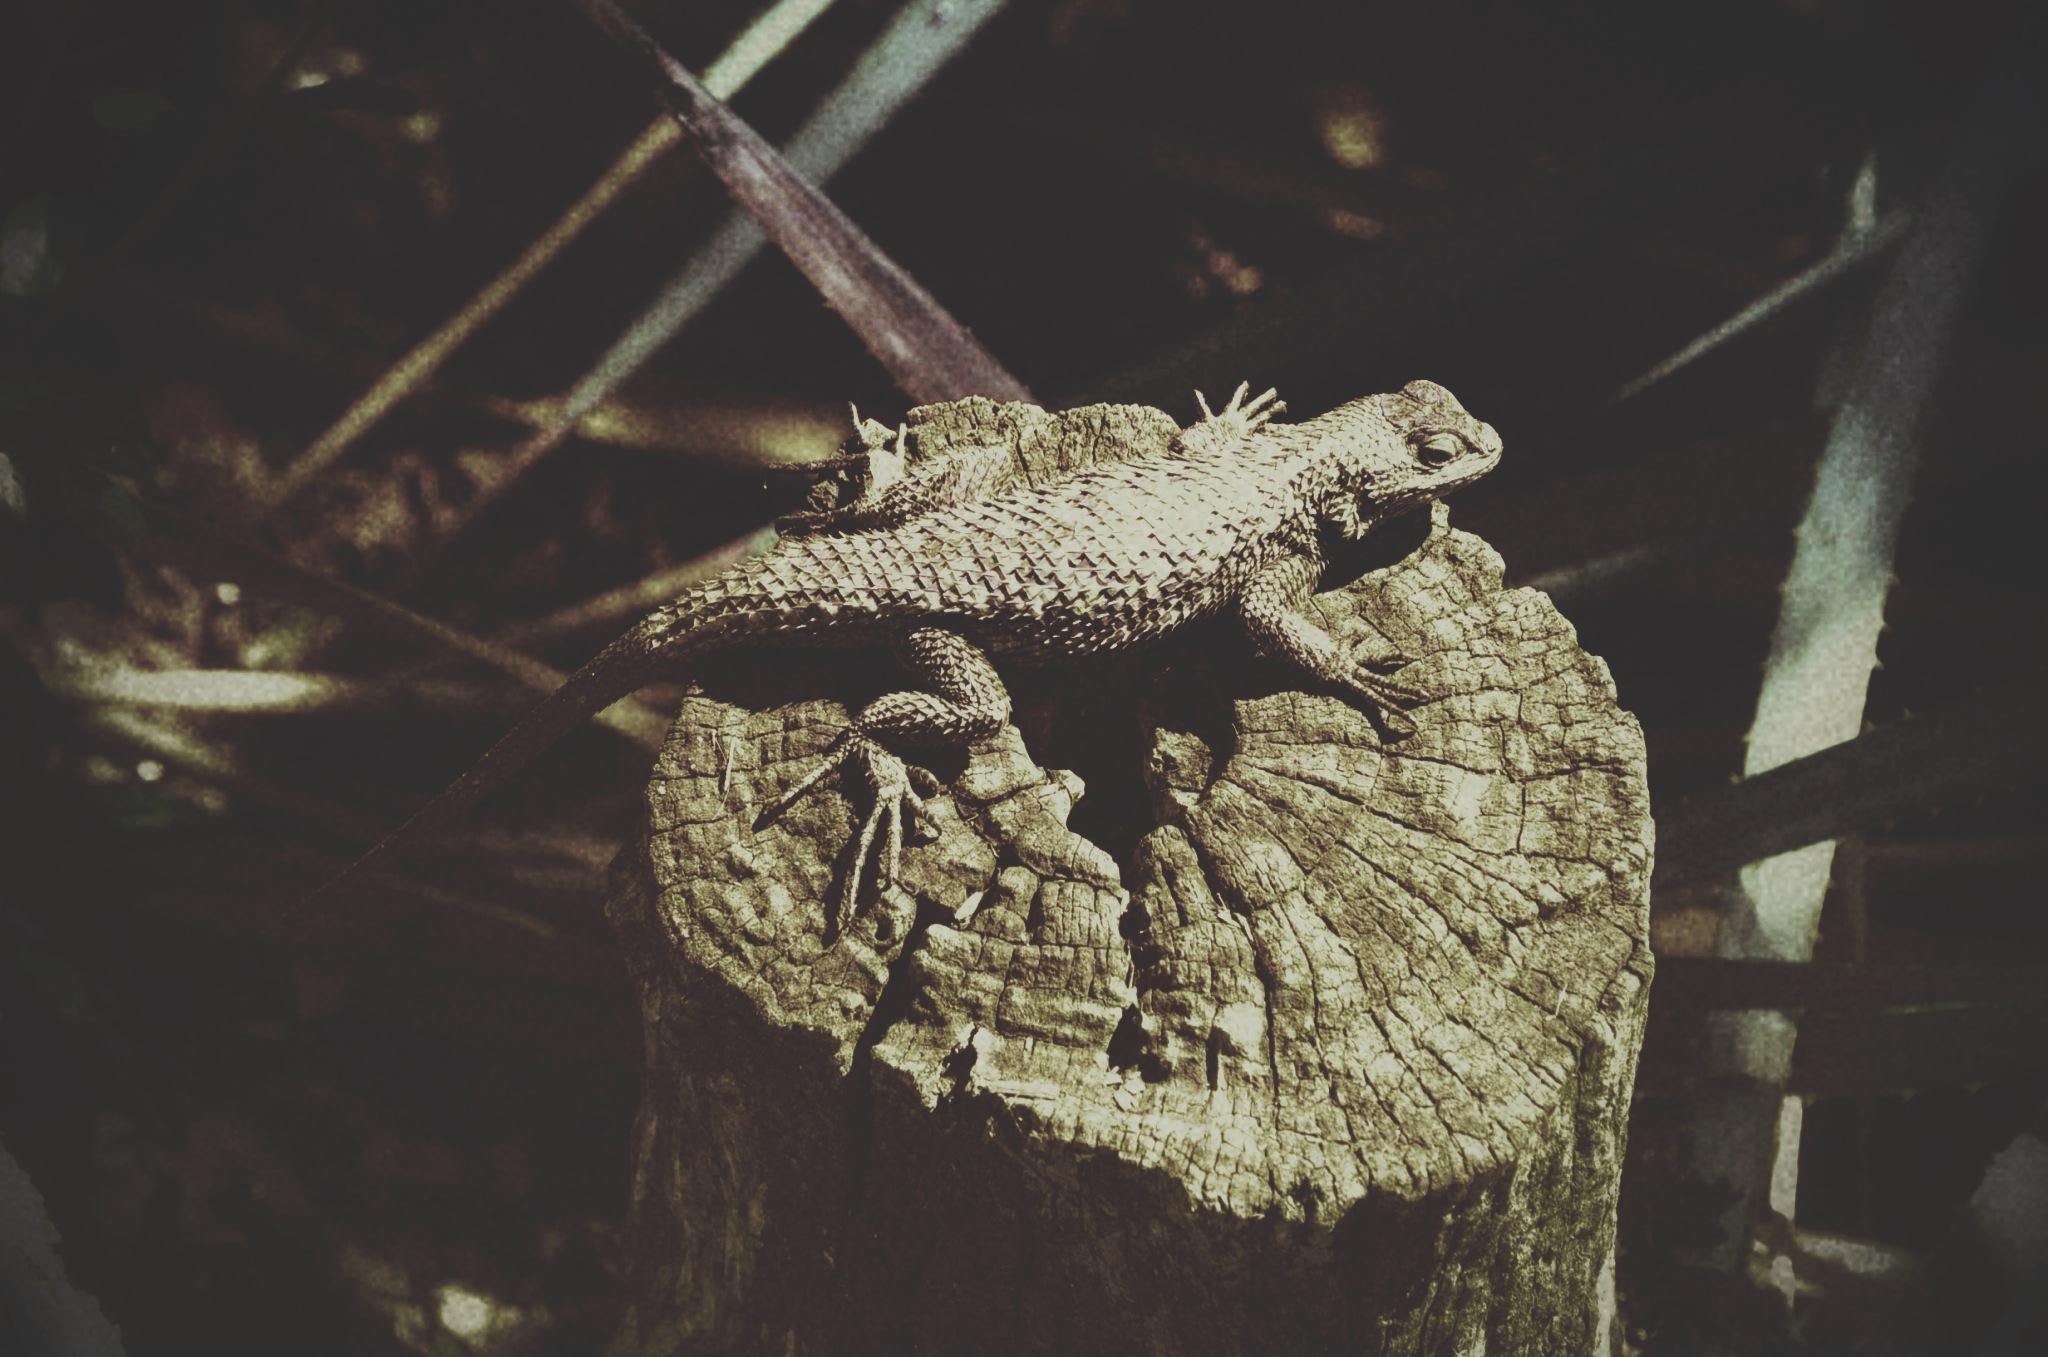 lizard brain = yolo